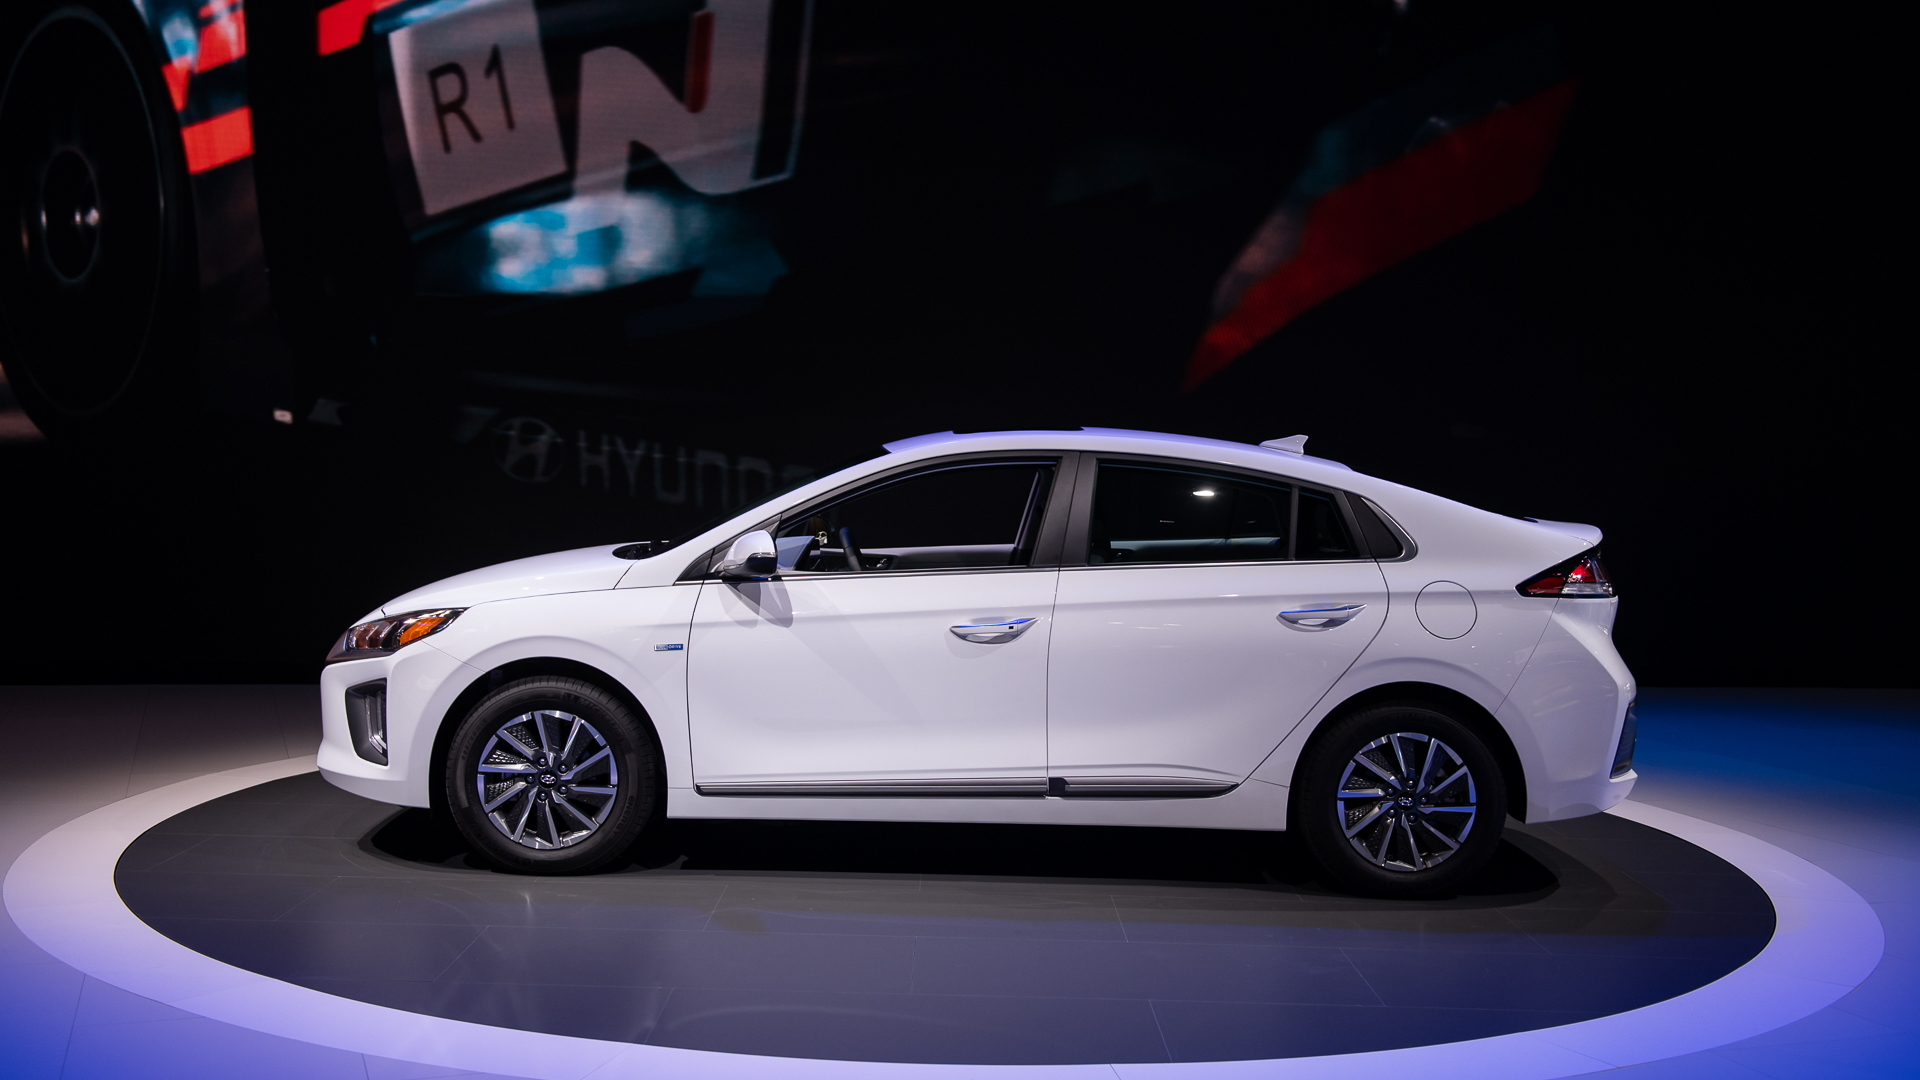 Hyundai Ioniq Electric, 2019 LA Auto Show